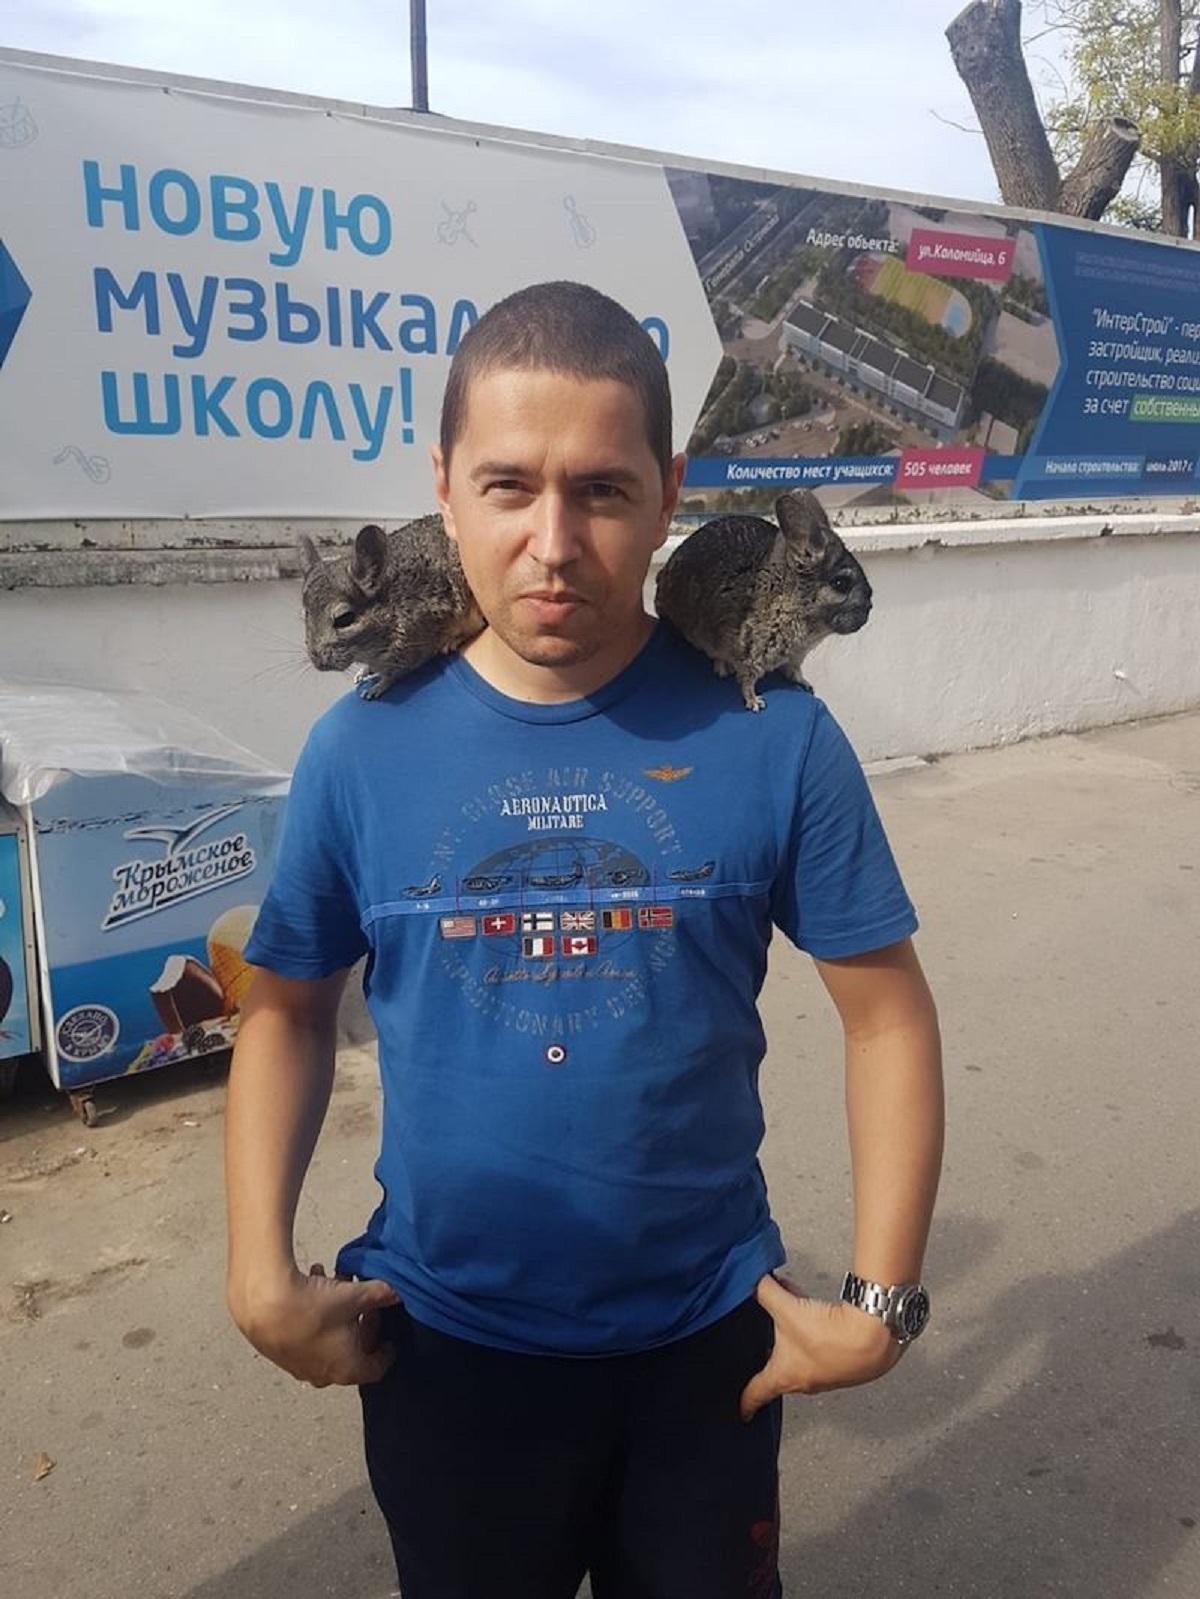 Andrej Babiš mladší pobýval v roce 2017 na Krymu